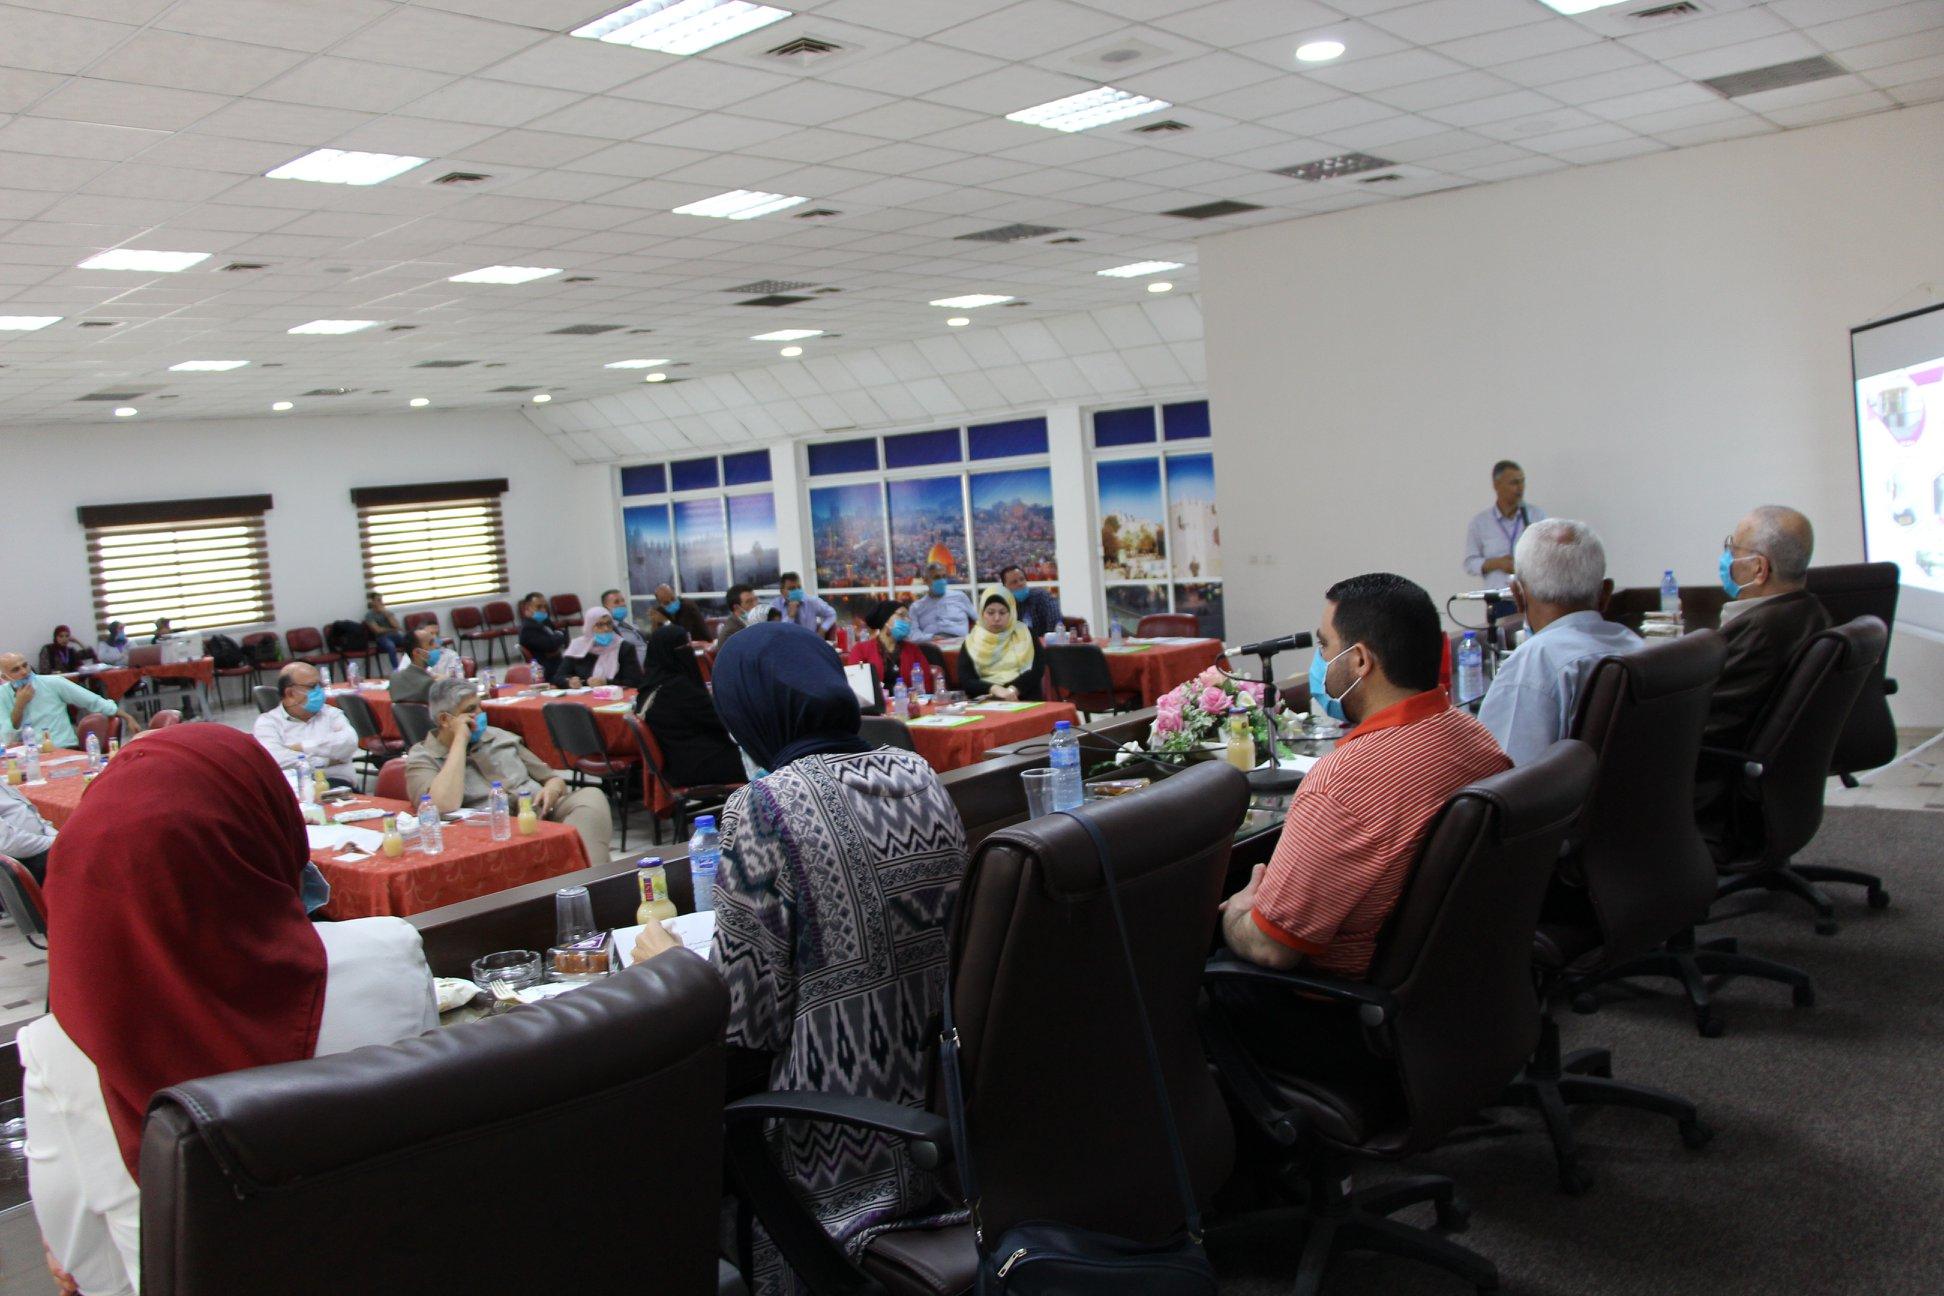 جمعية ارض الانسان الفلسطينية الخيرية تعقد اجتماع الجمعية العمومية لعام2019 -2020